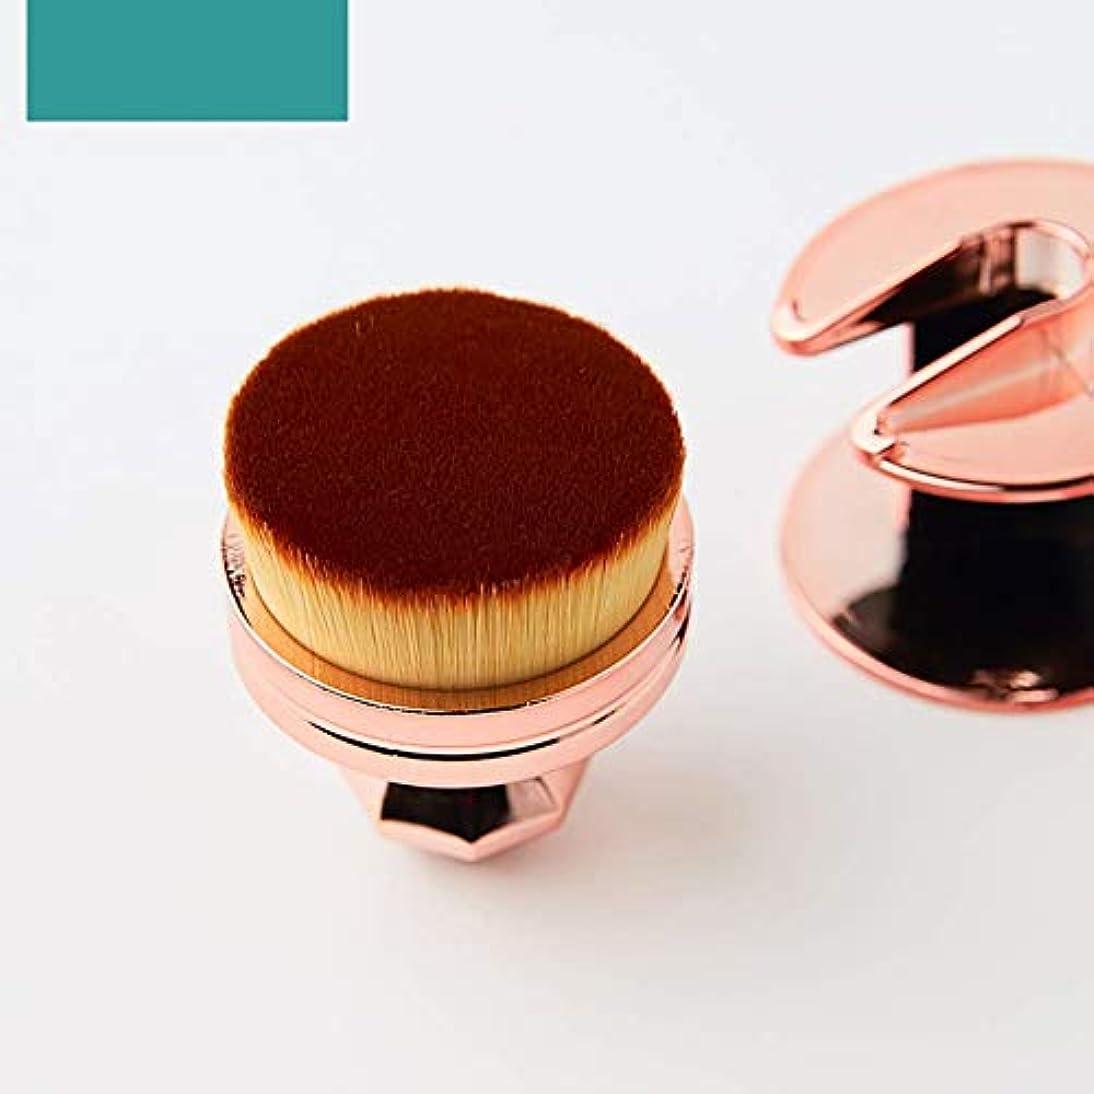 赤面用、ブロンザー用、または蛍光ペン用のミニトラベルサイズマルチタスクメイクアップブラシ(包装色と取り扱い色が異なる場合があります)